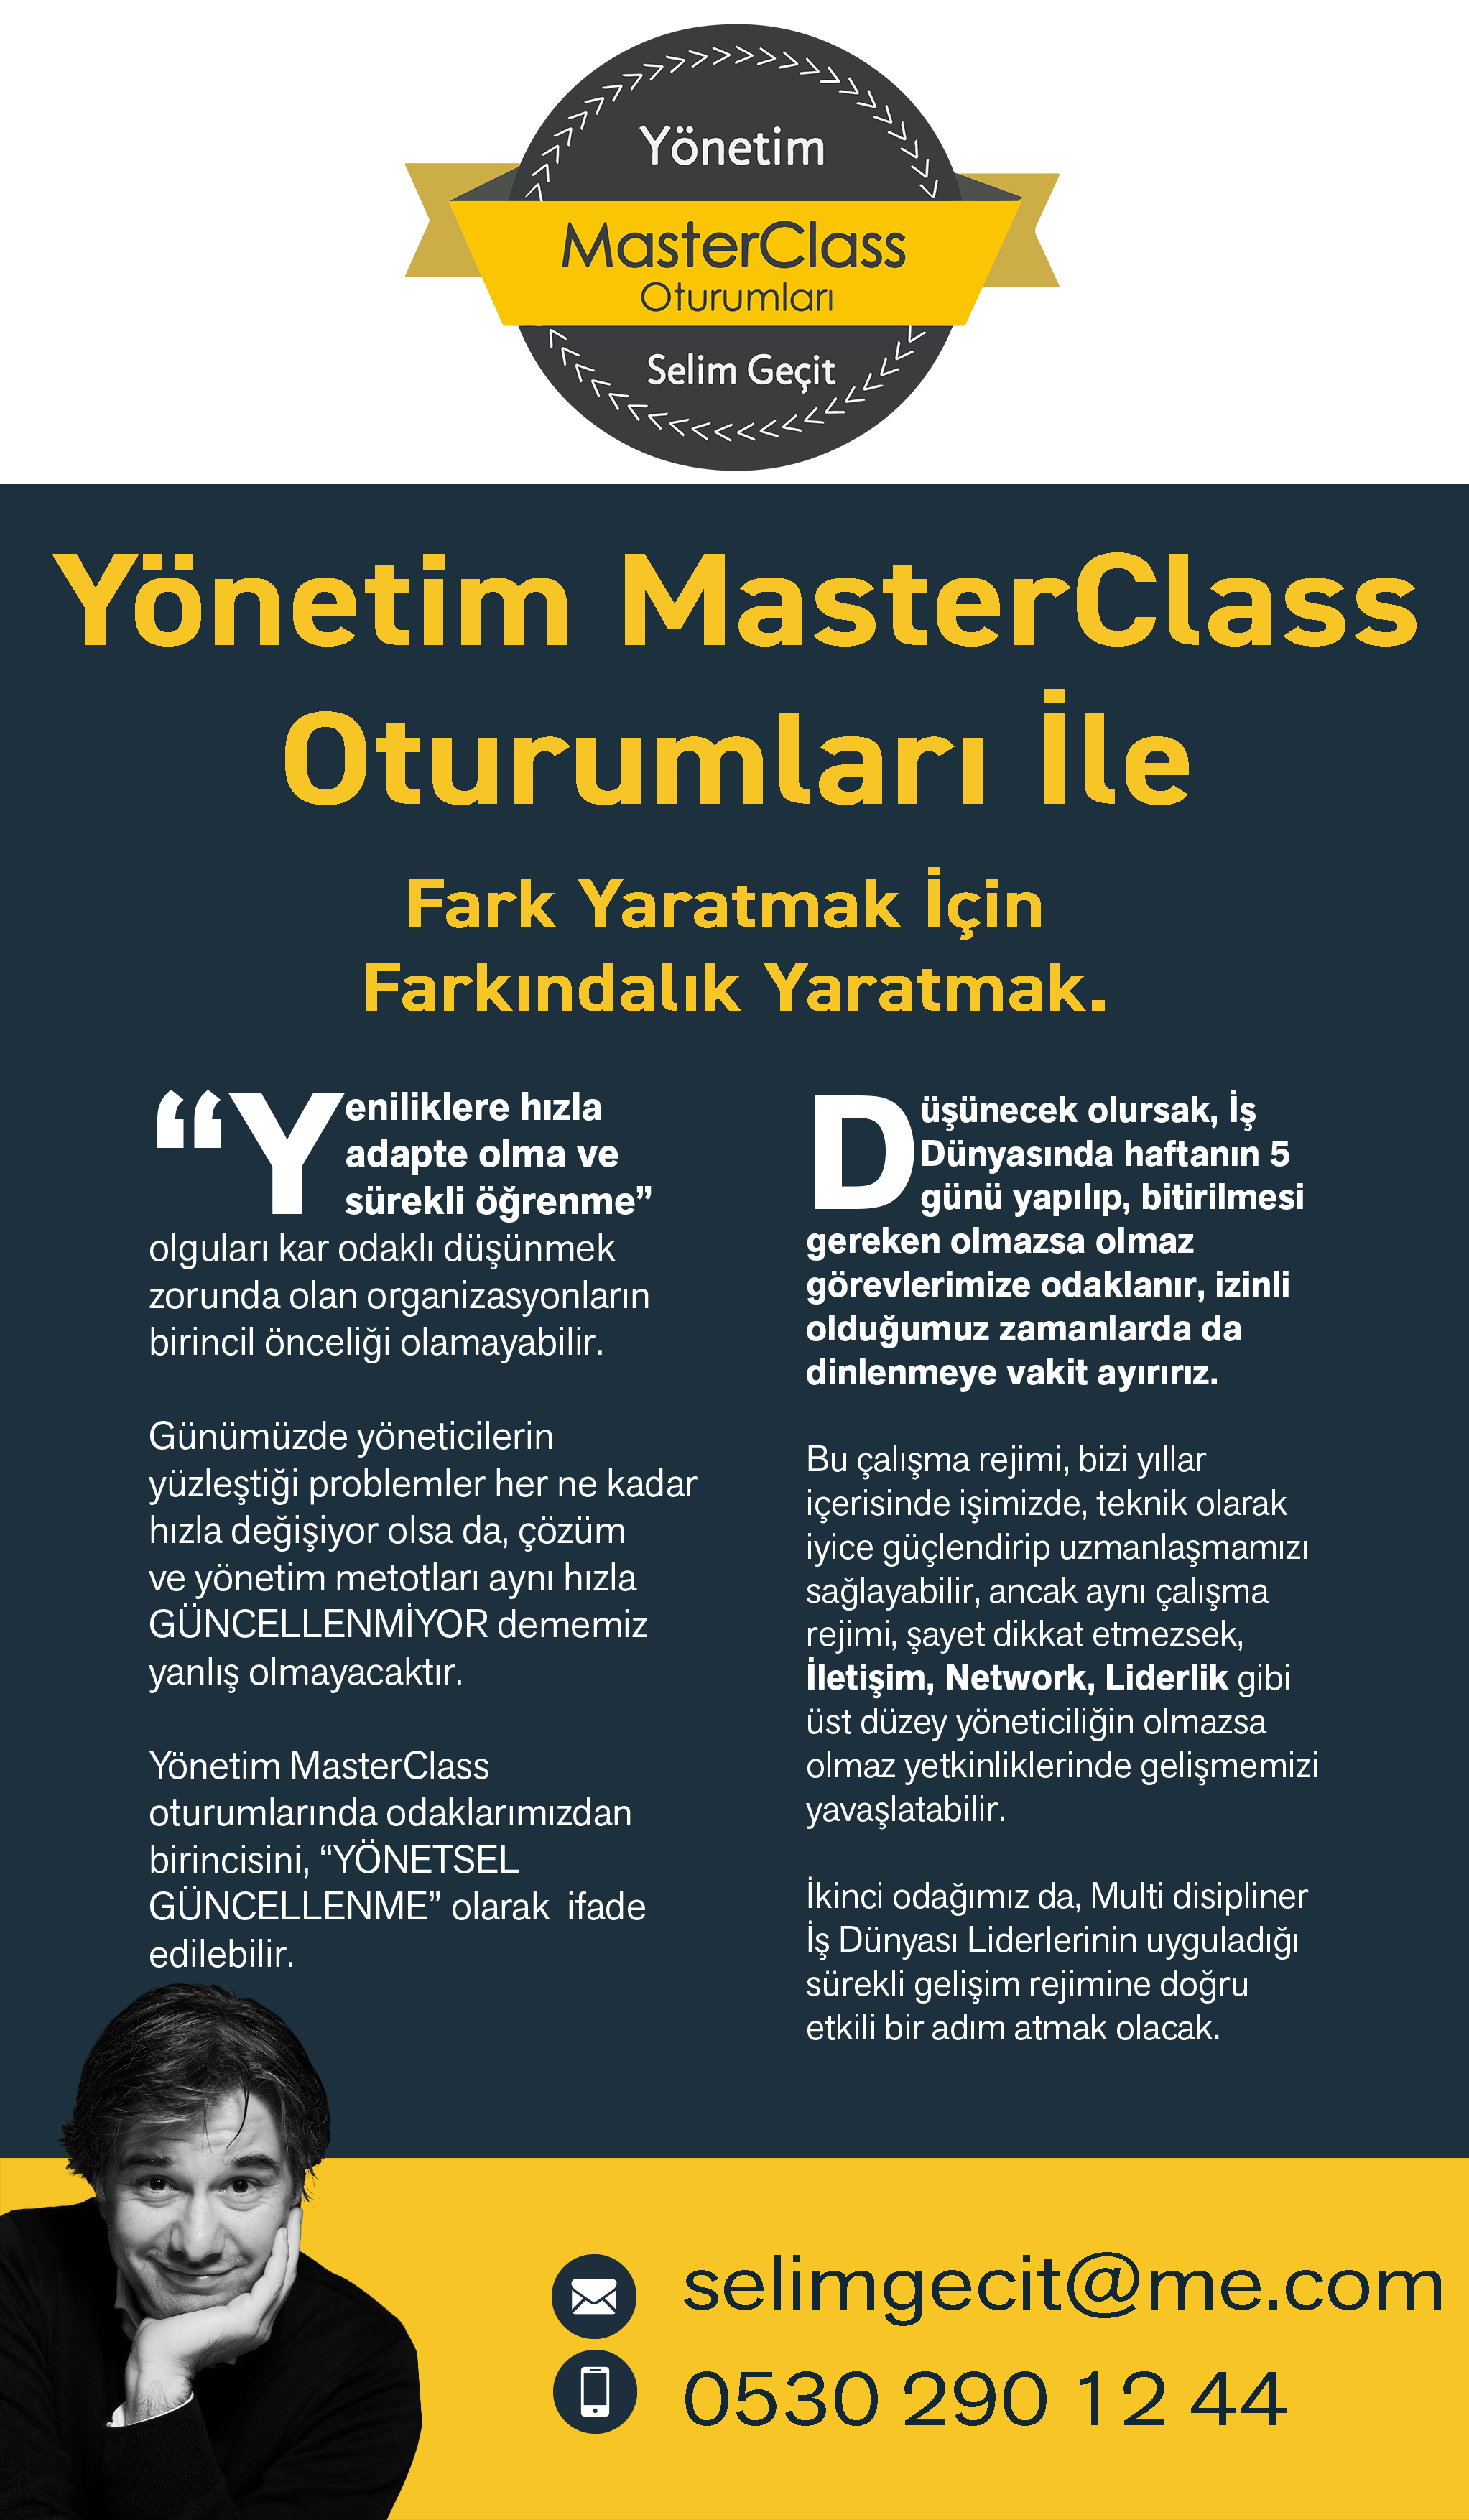 Yönetim Eğitimleri poster - selim geçit